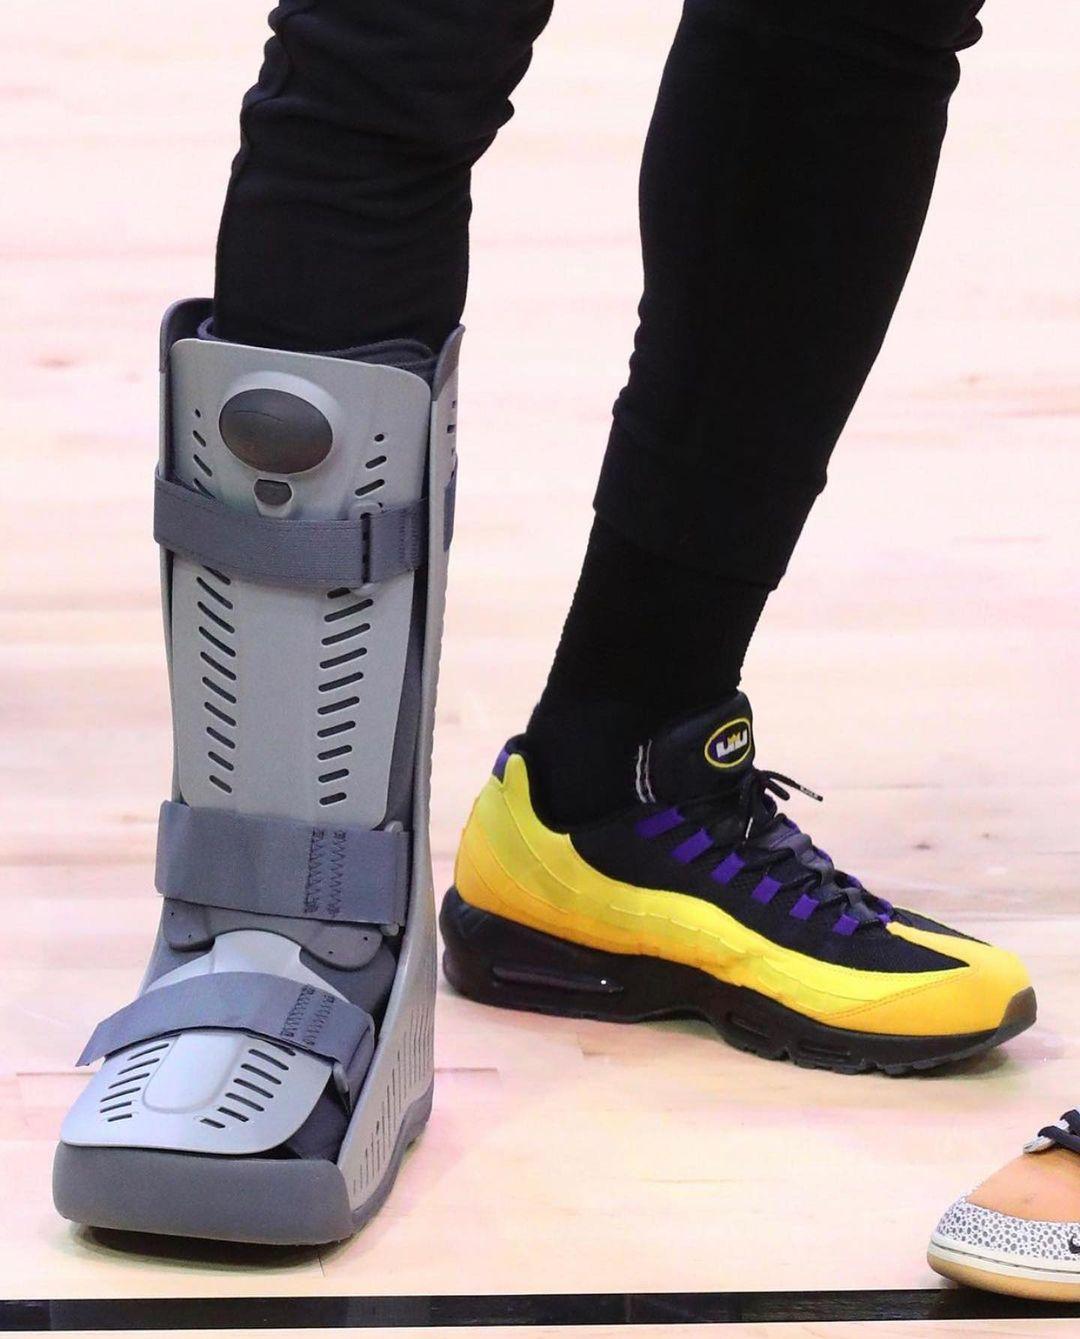 詹姆斯,陈冠希,埃尔金·贝勒,Nike,Air Max 95  詹皇伤后上脚特殊「战靴」!连冠希都想要!